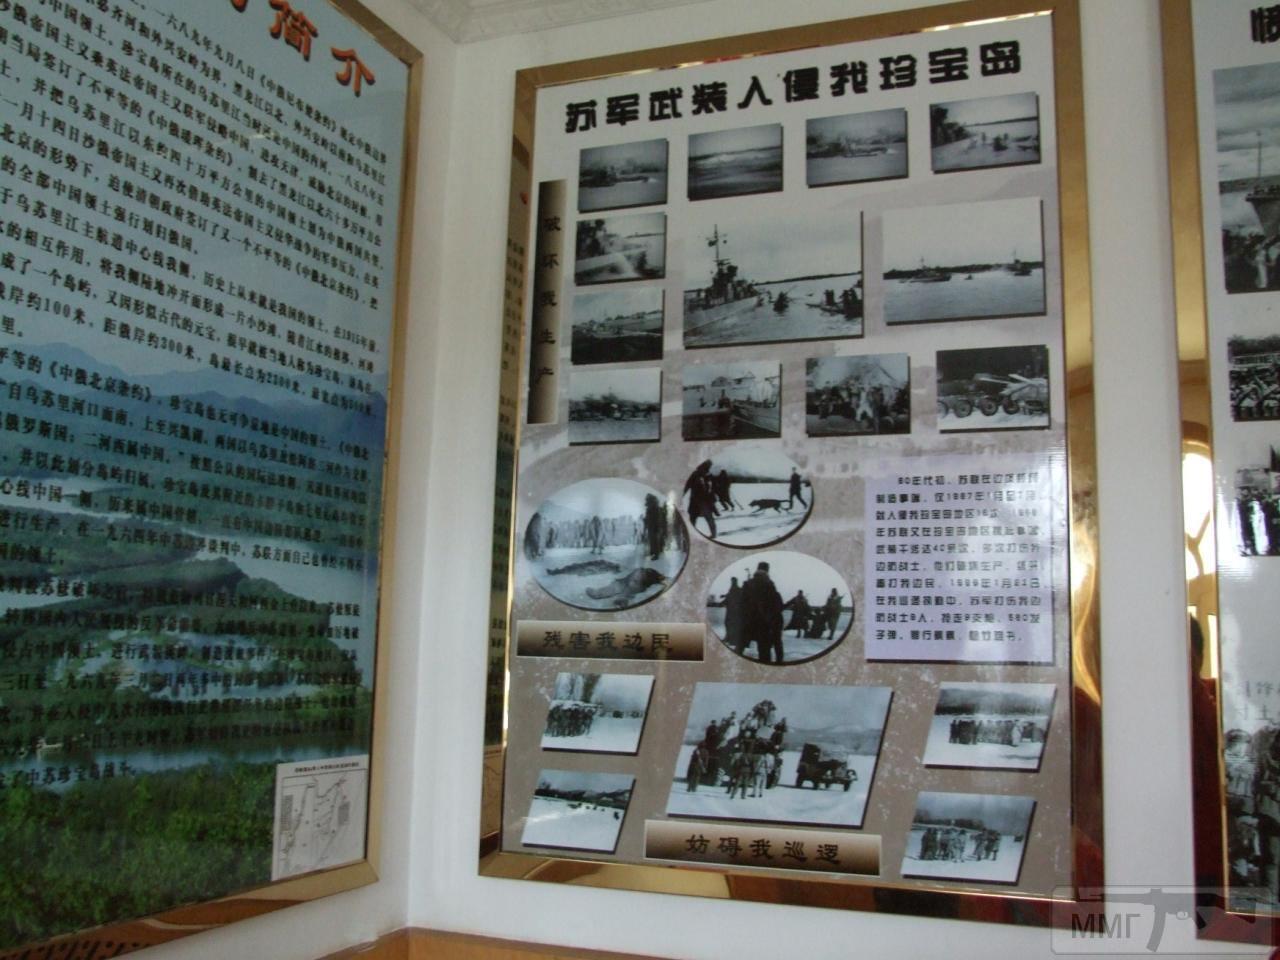 14090 - Военный конфликт СССР и Китая - Остров Даманский 1969 год